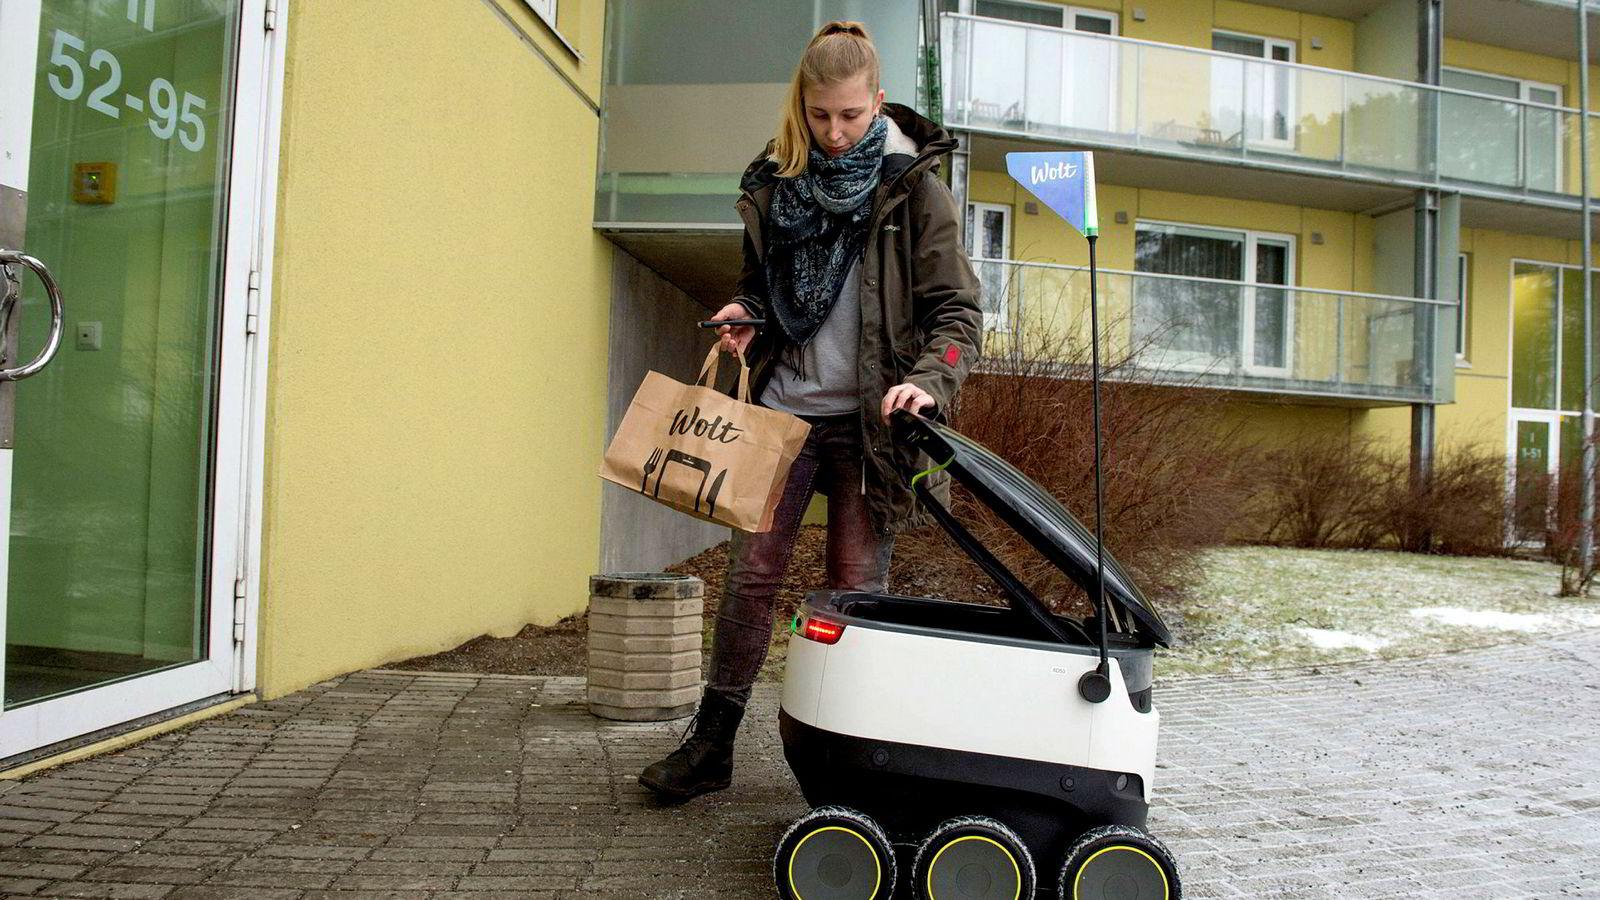 Bare det siste året har vi vært vitne til spredningen av teknologi som Doordash, som er små, førerløse kjøretøy fra Starship Technologies, som erstatter bud som bringer mat fra restauranter, sier forfatteren. Her blir det levert mat fra en restaurant i Tallinn.